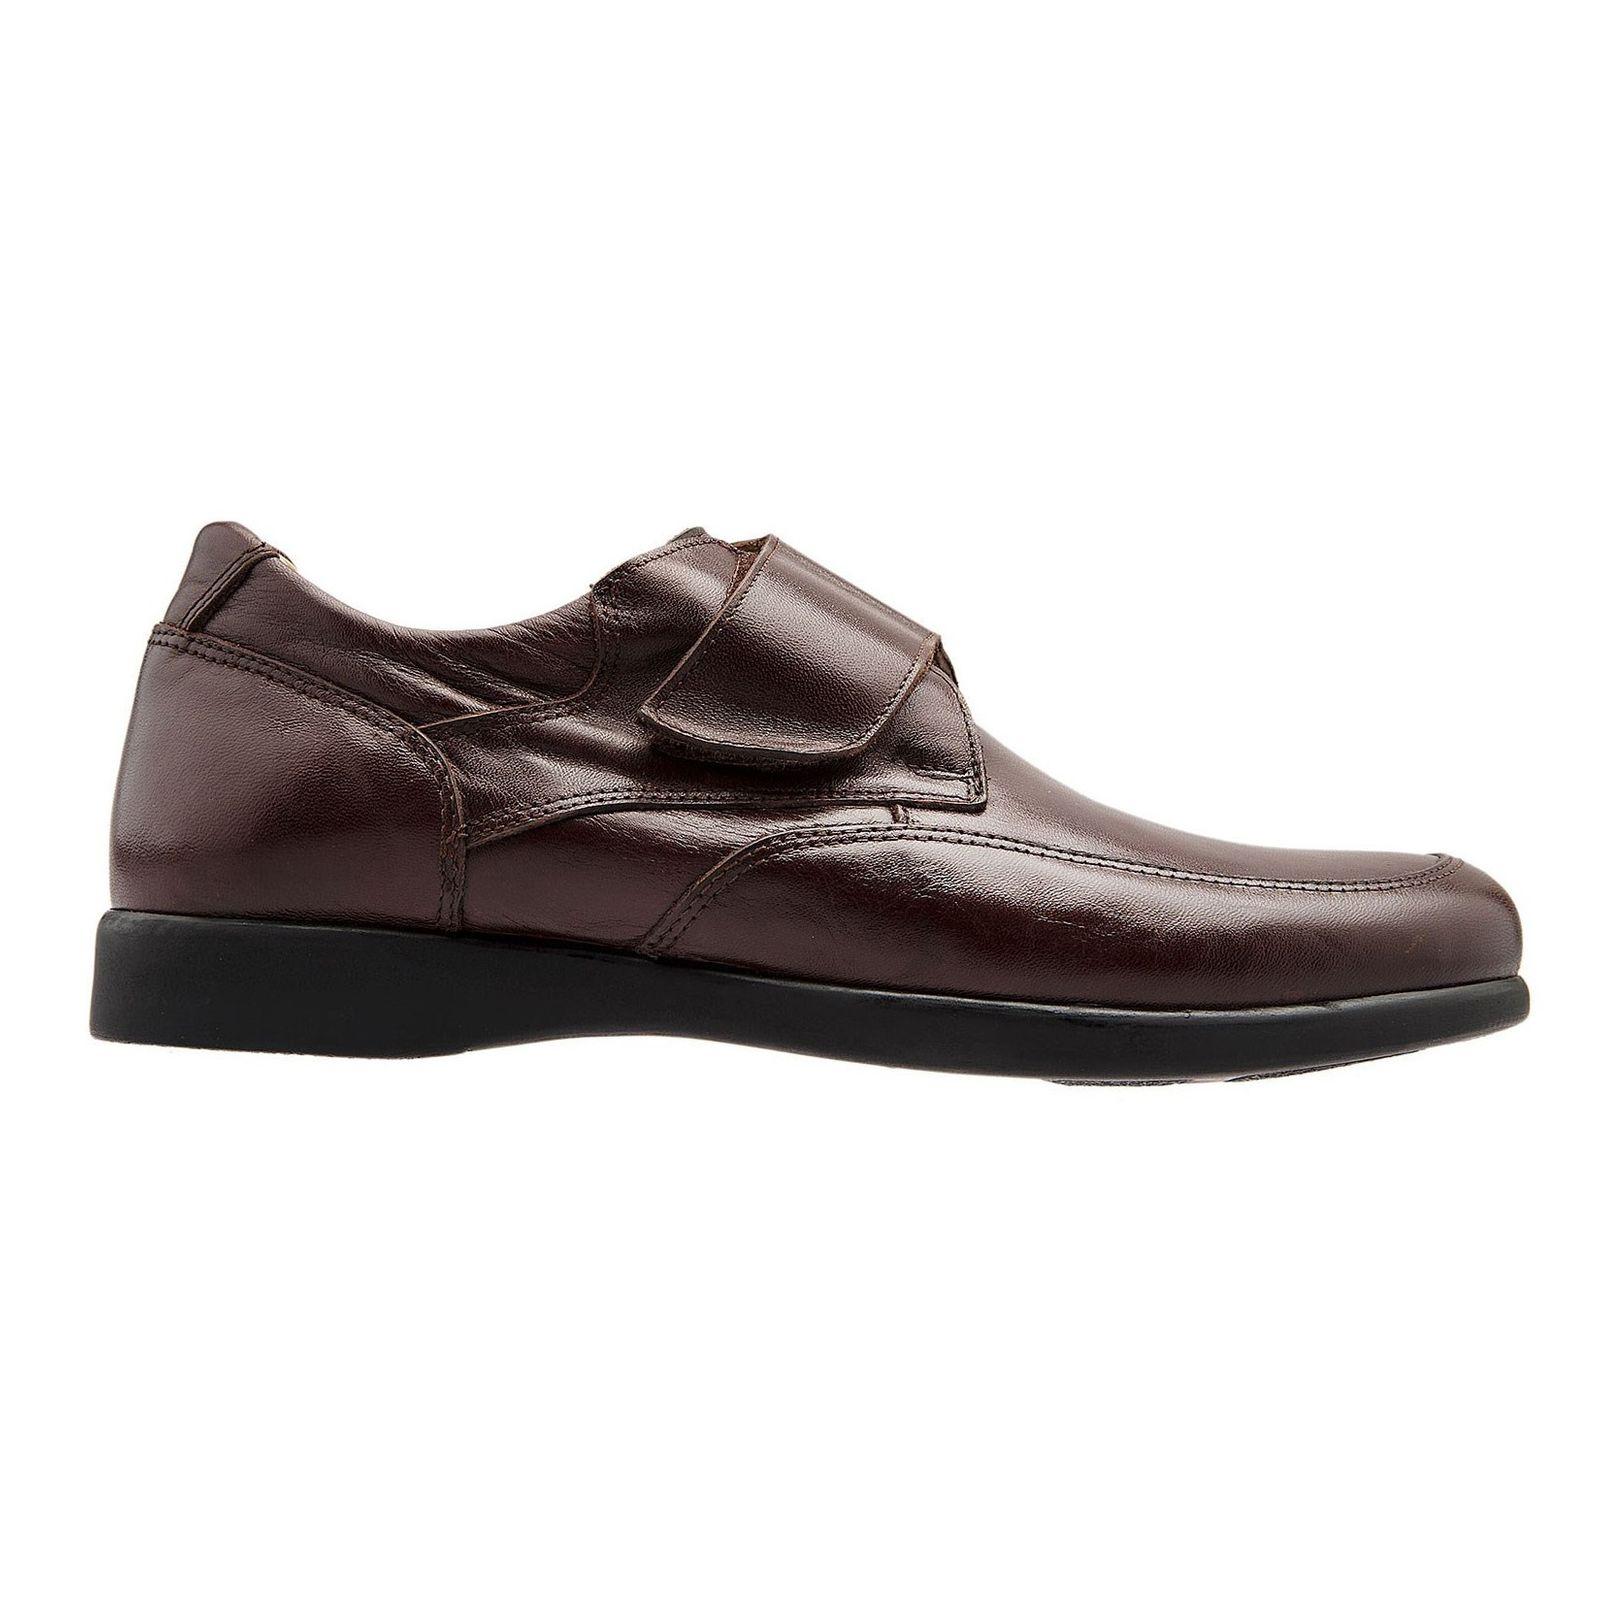 کفش اداری چرم مردانه - شهر چرم - قهوه اي - 1